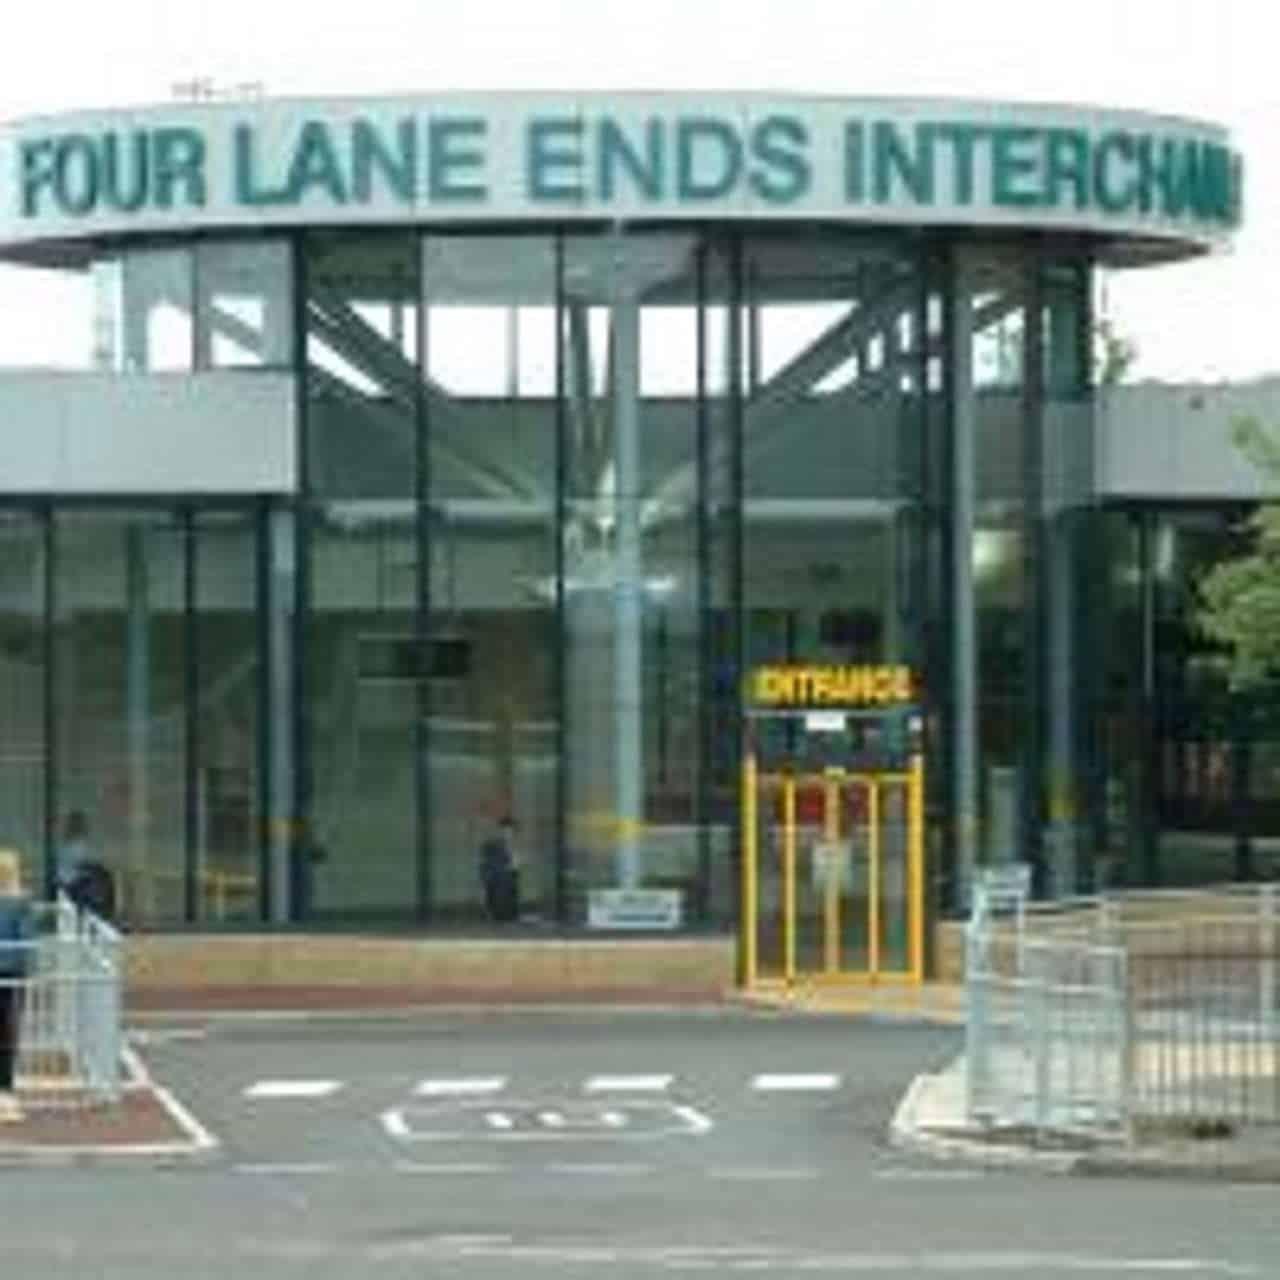 Four Lane Ends interchange